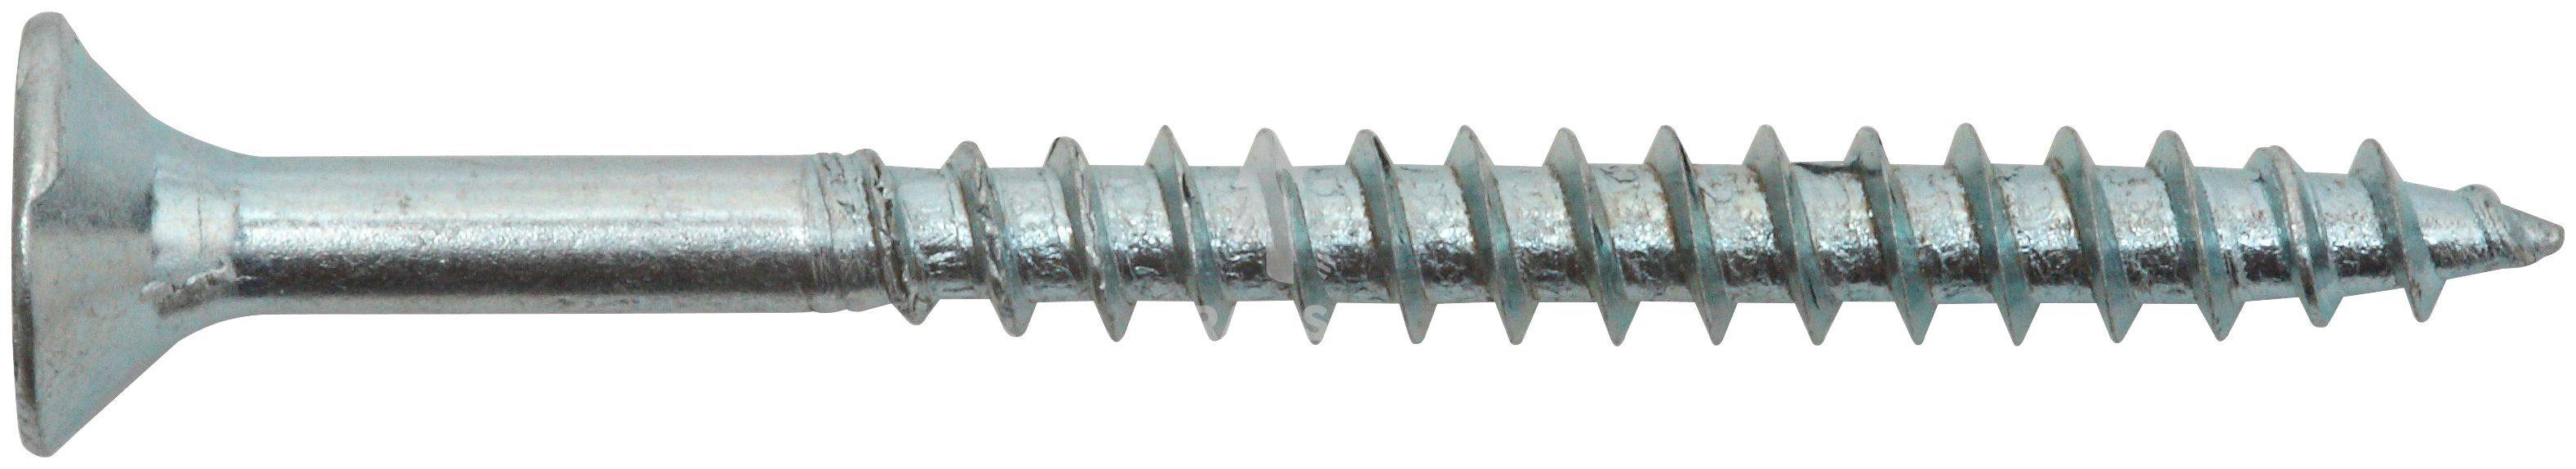 RAMSES Schrauben , Spanplattenschraube 5 x 70 mm PZ2 100 Stk.